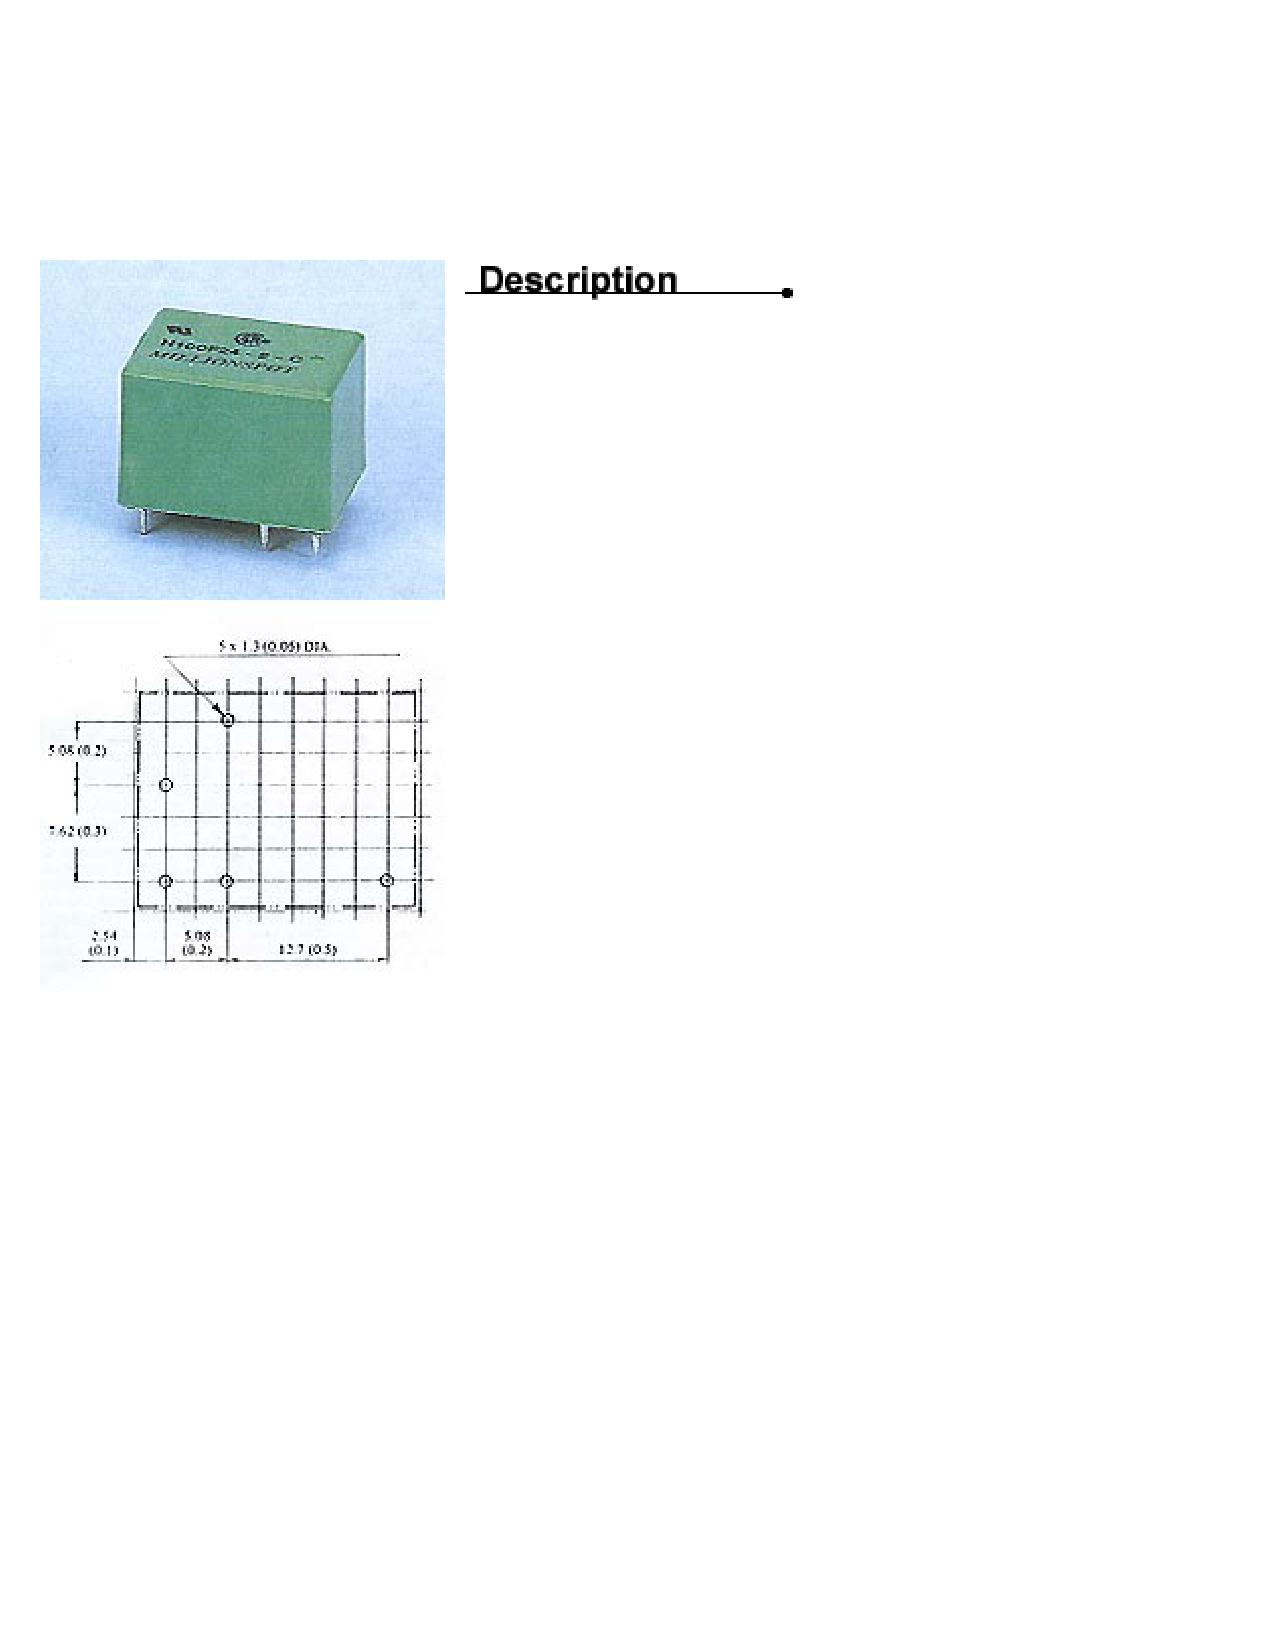 H100F24-2-C Hoja de datos, Descripción, Manual